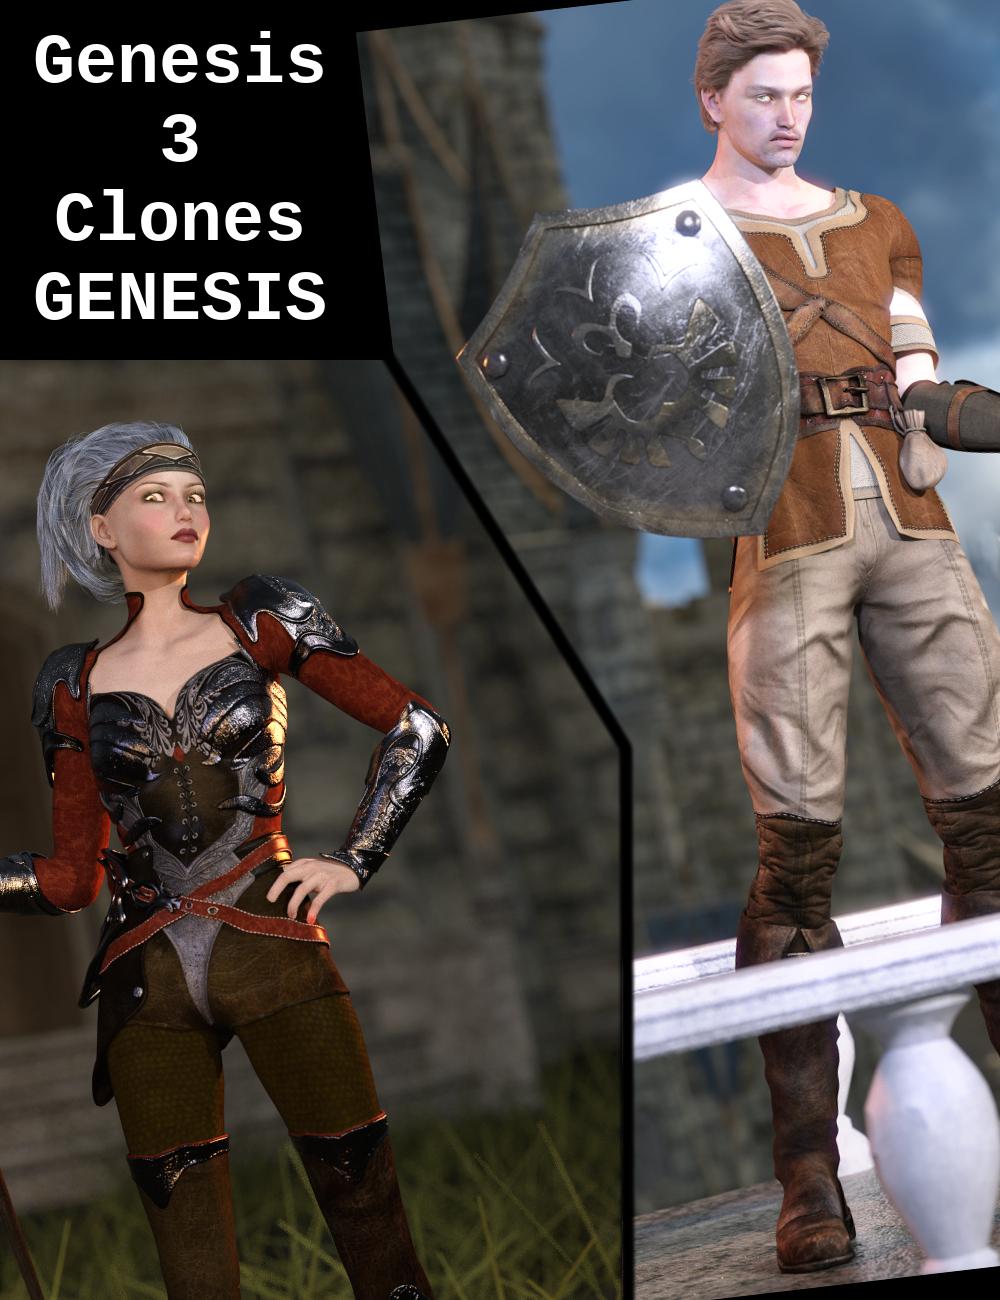 Genesis 3 Clones for Genesis Bundle by: Sickleyield, 3D Models by Daz 3D